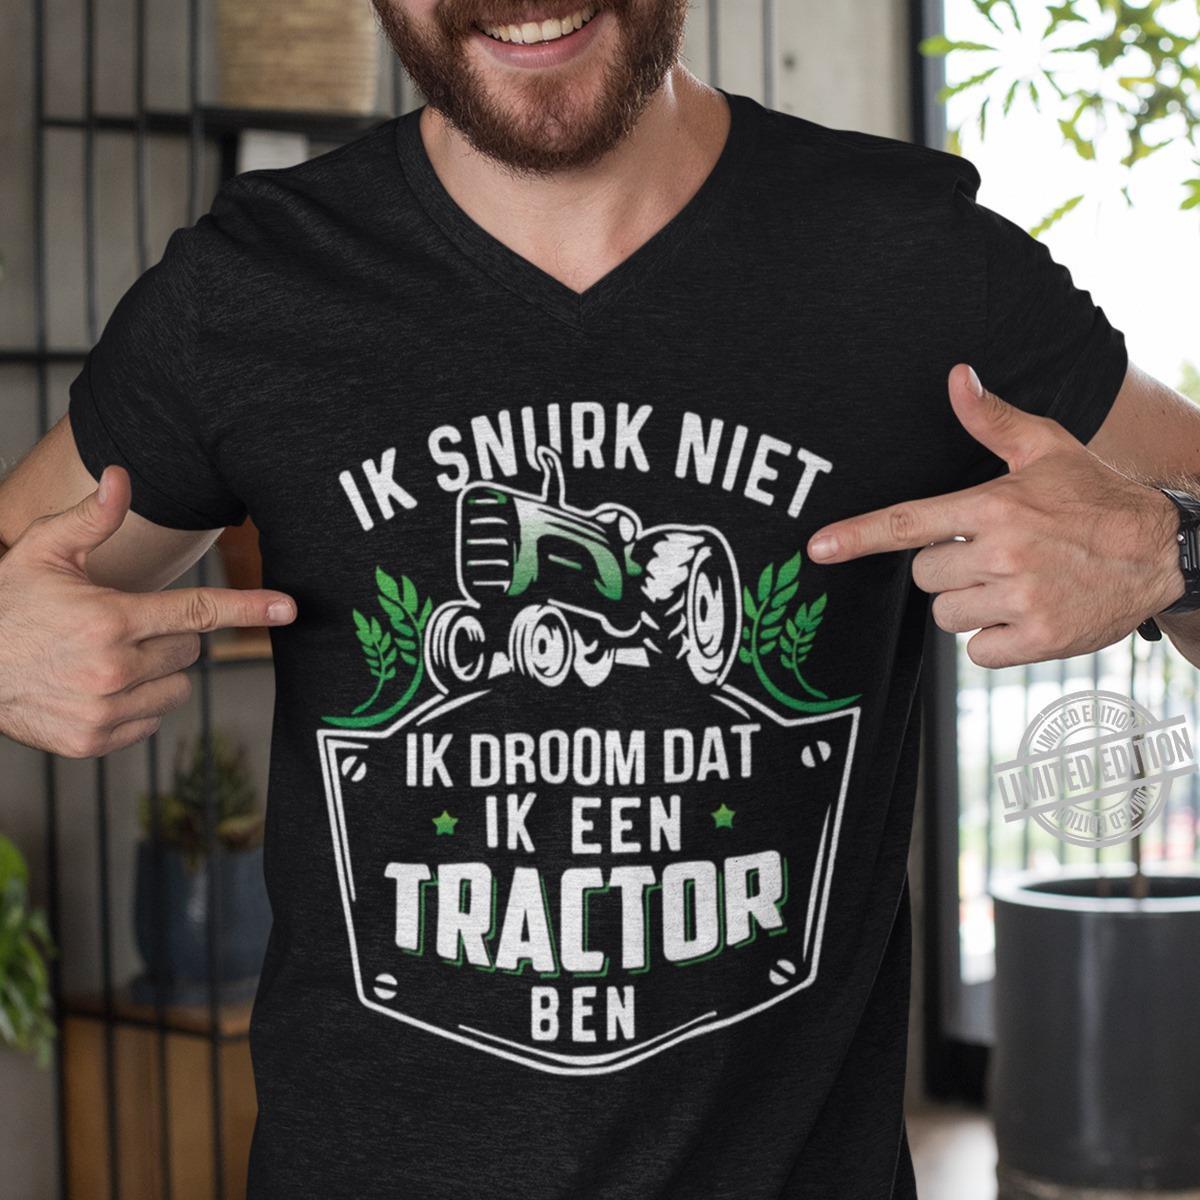 IK Snurk Niet Ik Droom Dat Ik Een Tractor Ben Shirt